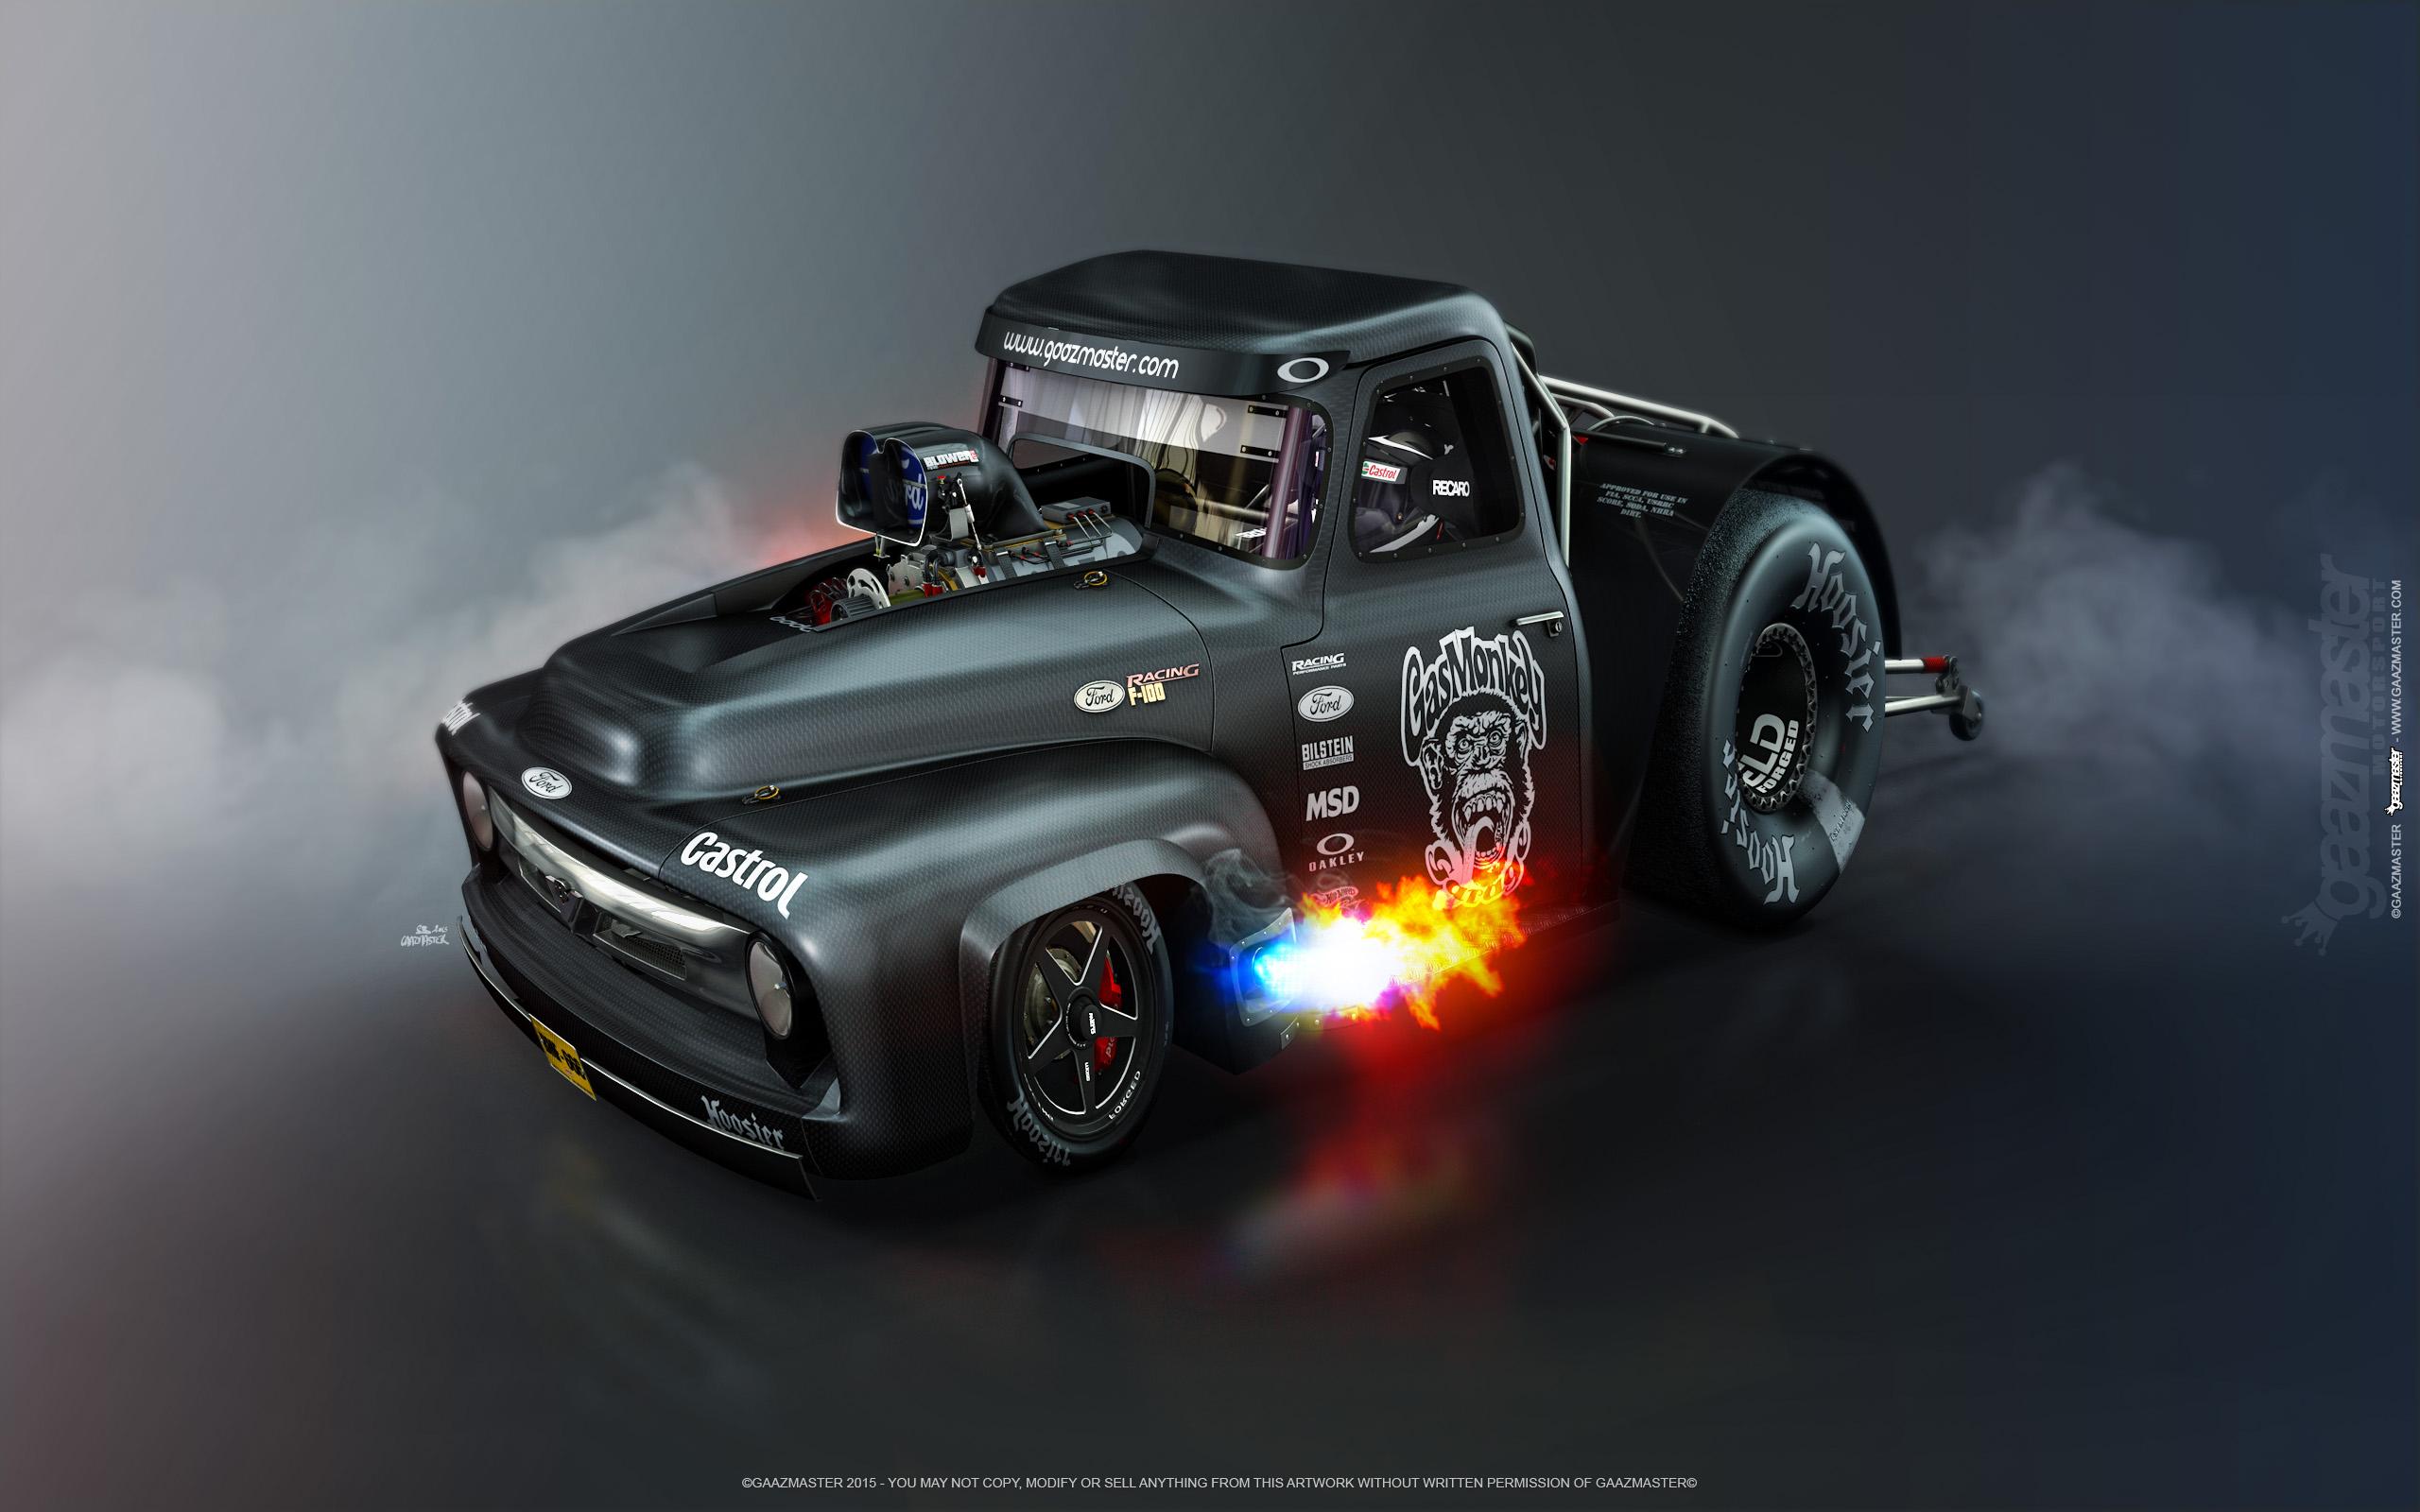 Wallpaper Ken Block Top Upcoming Cars 2020